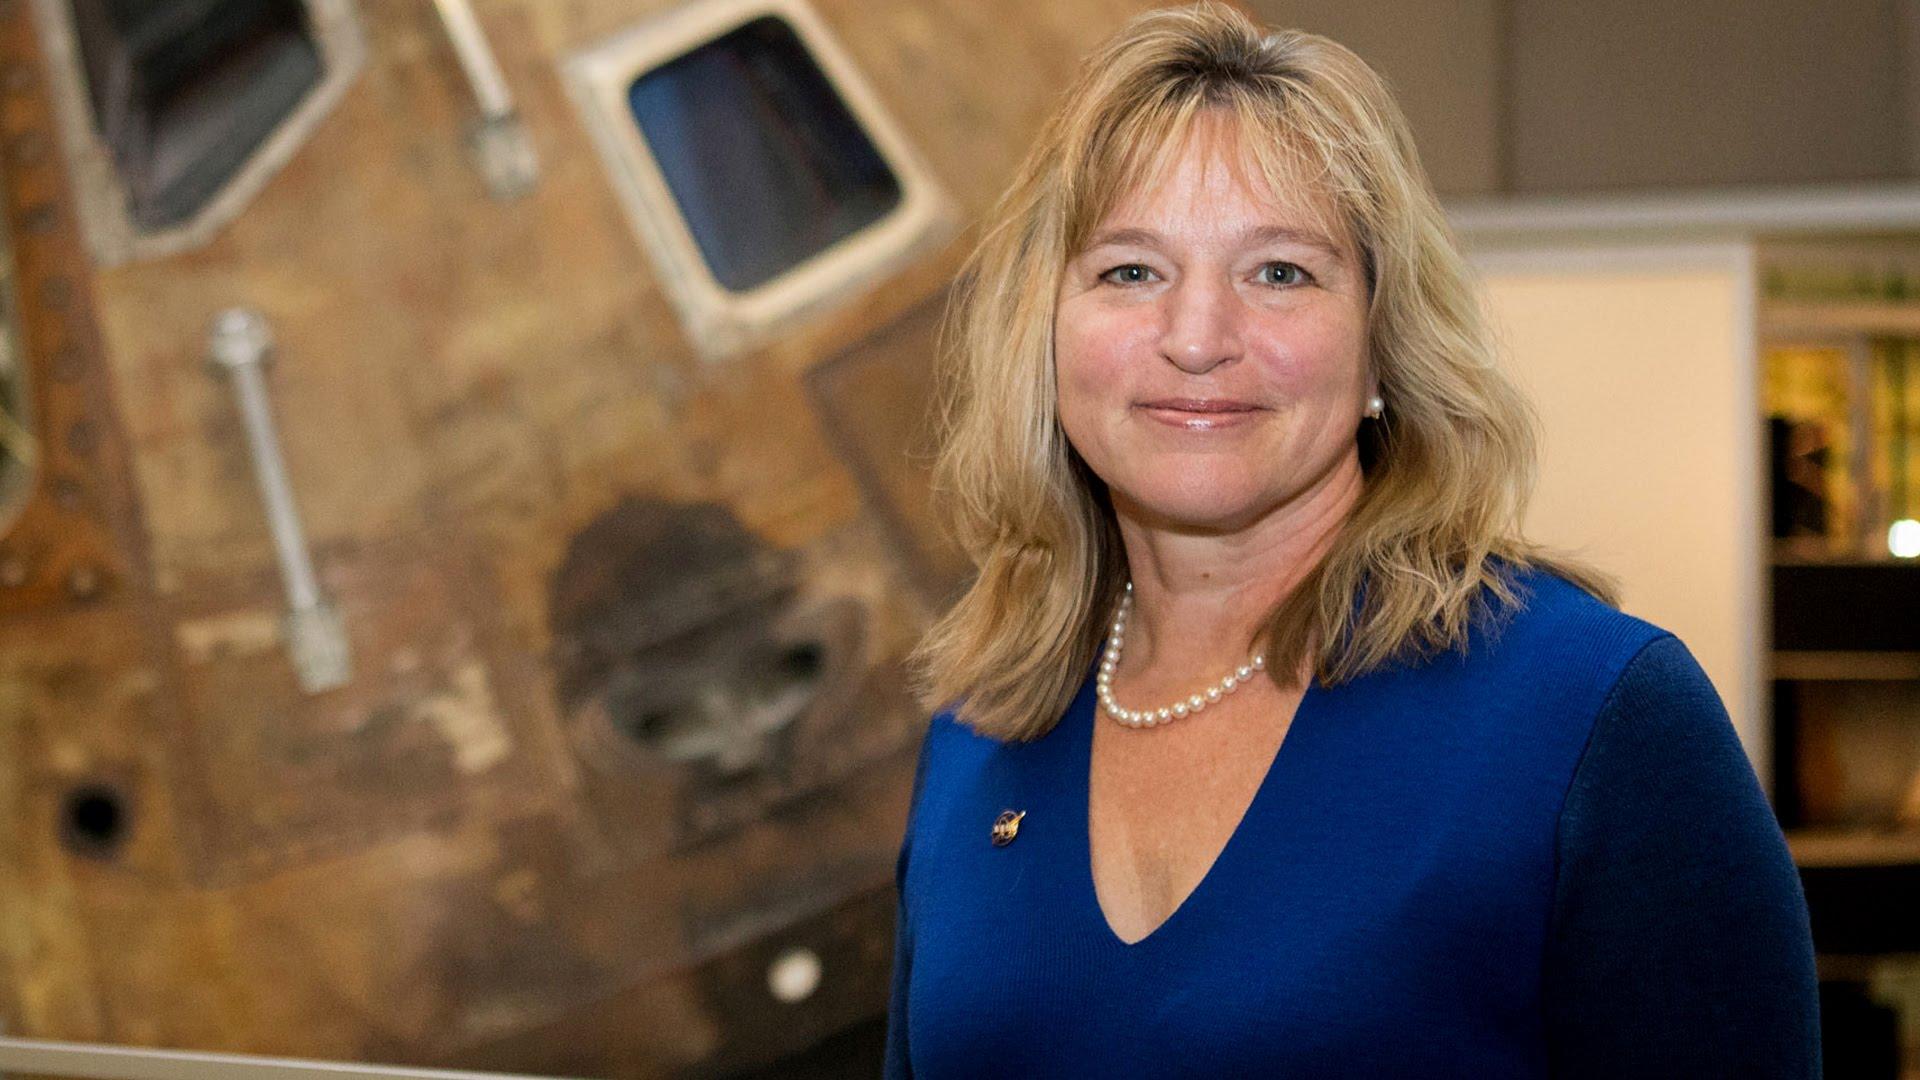 NASA's Chief Scientist Ellen Stofan